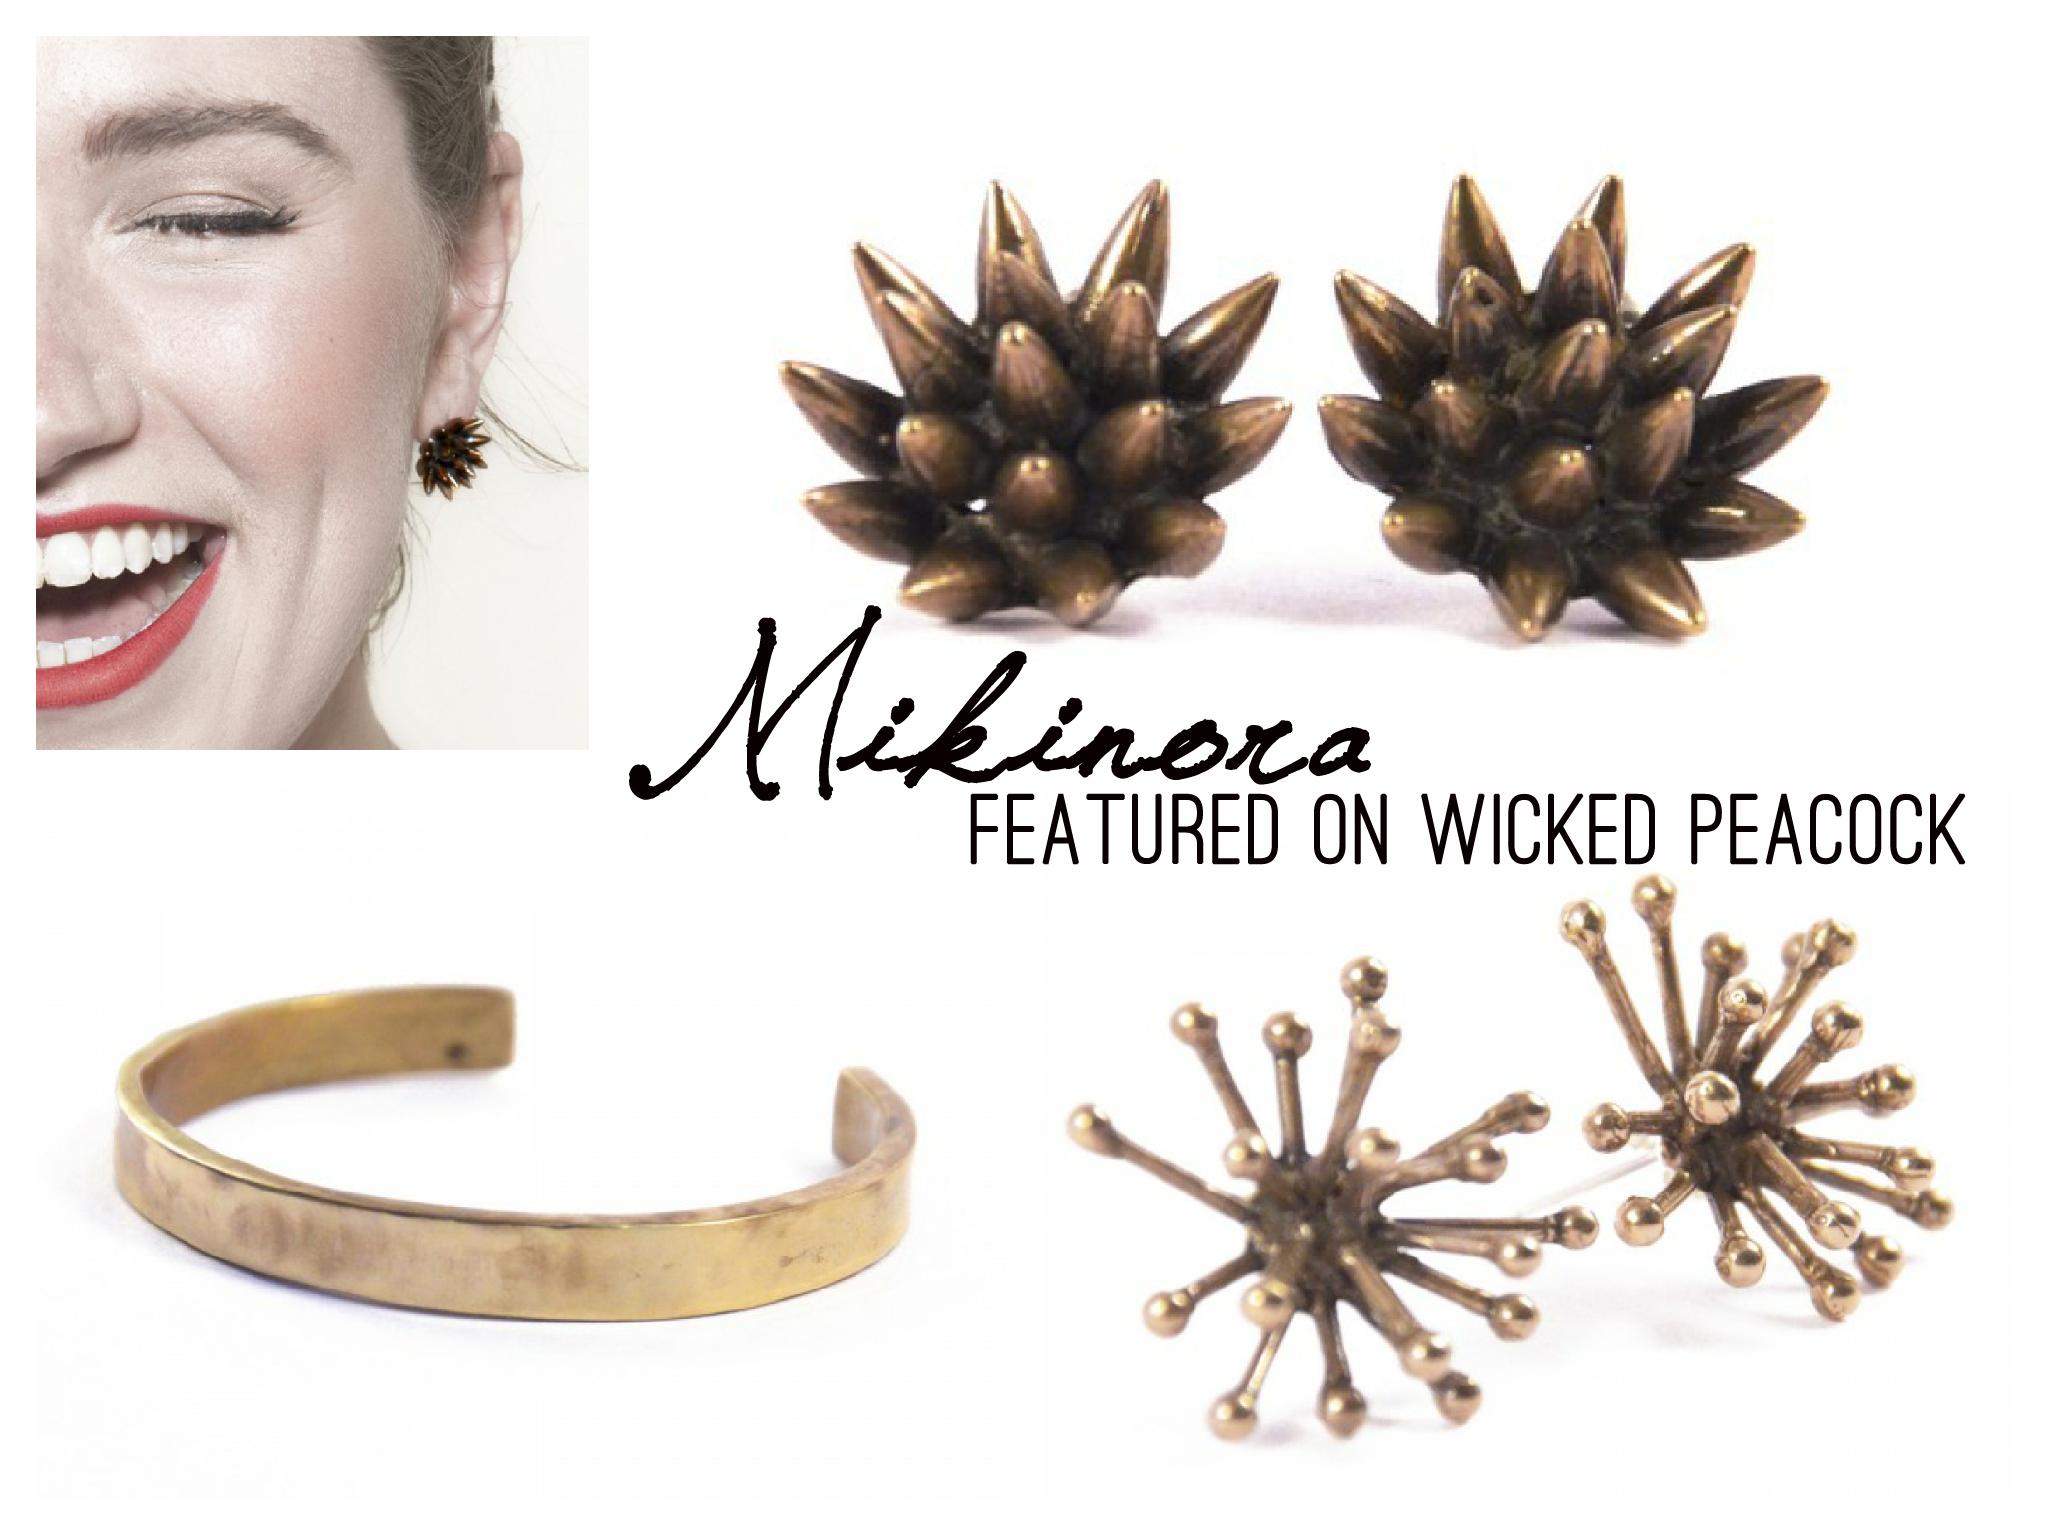 Mikinora on WickedPeacock